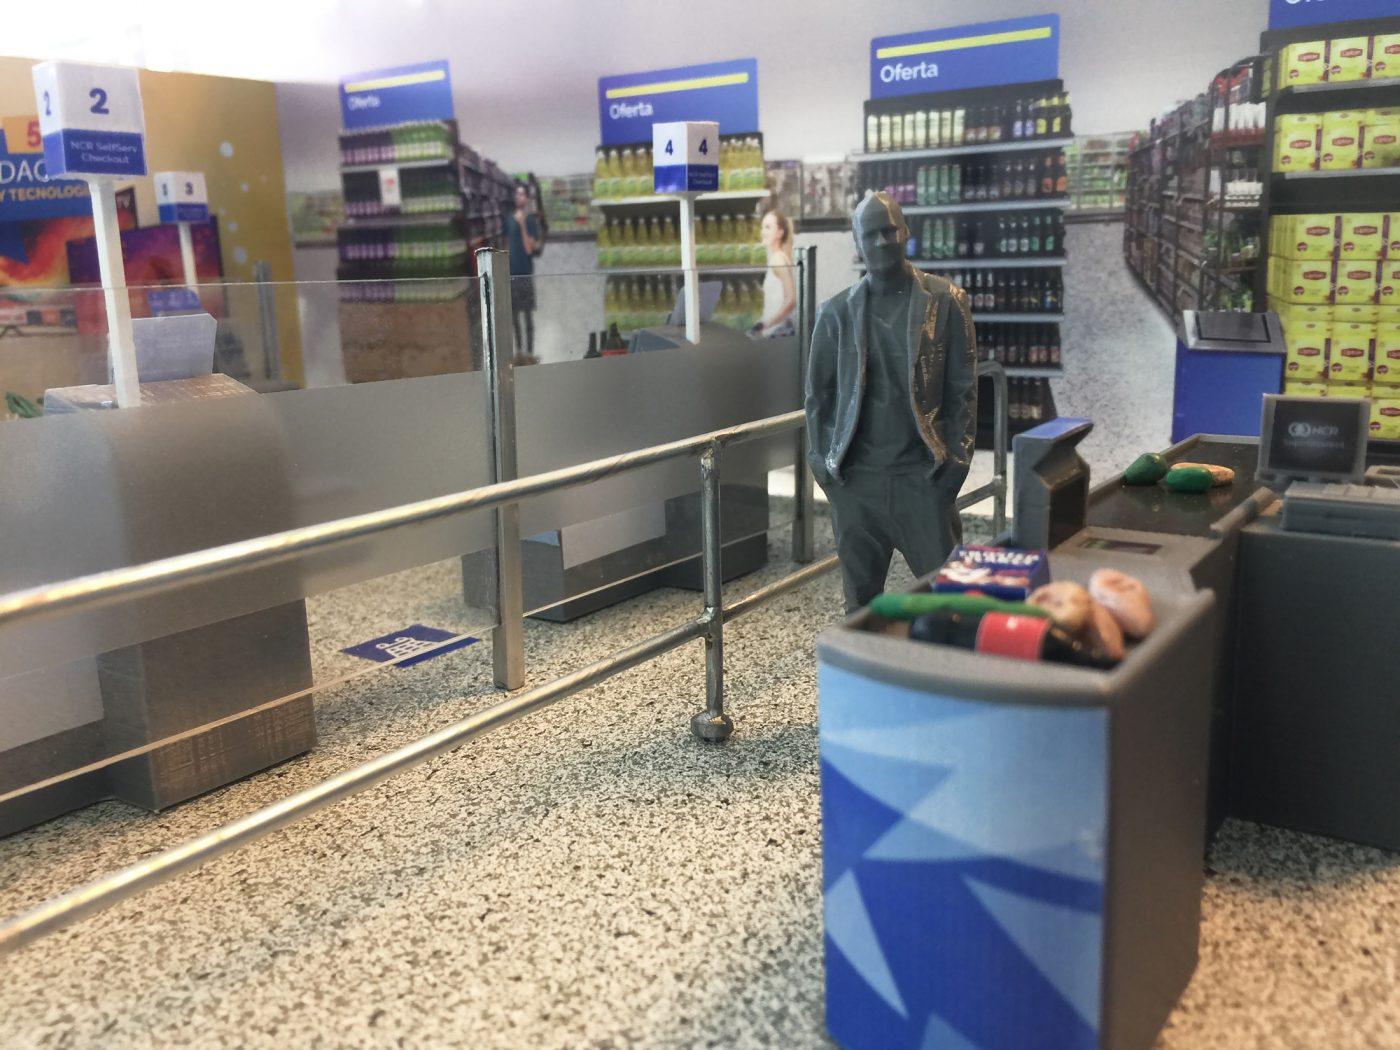 maqueta-supermercado-OMG-Agencia